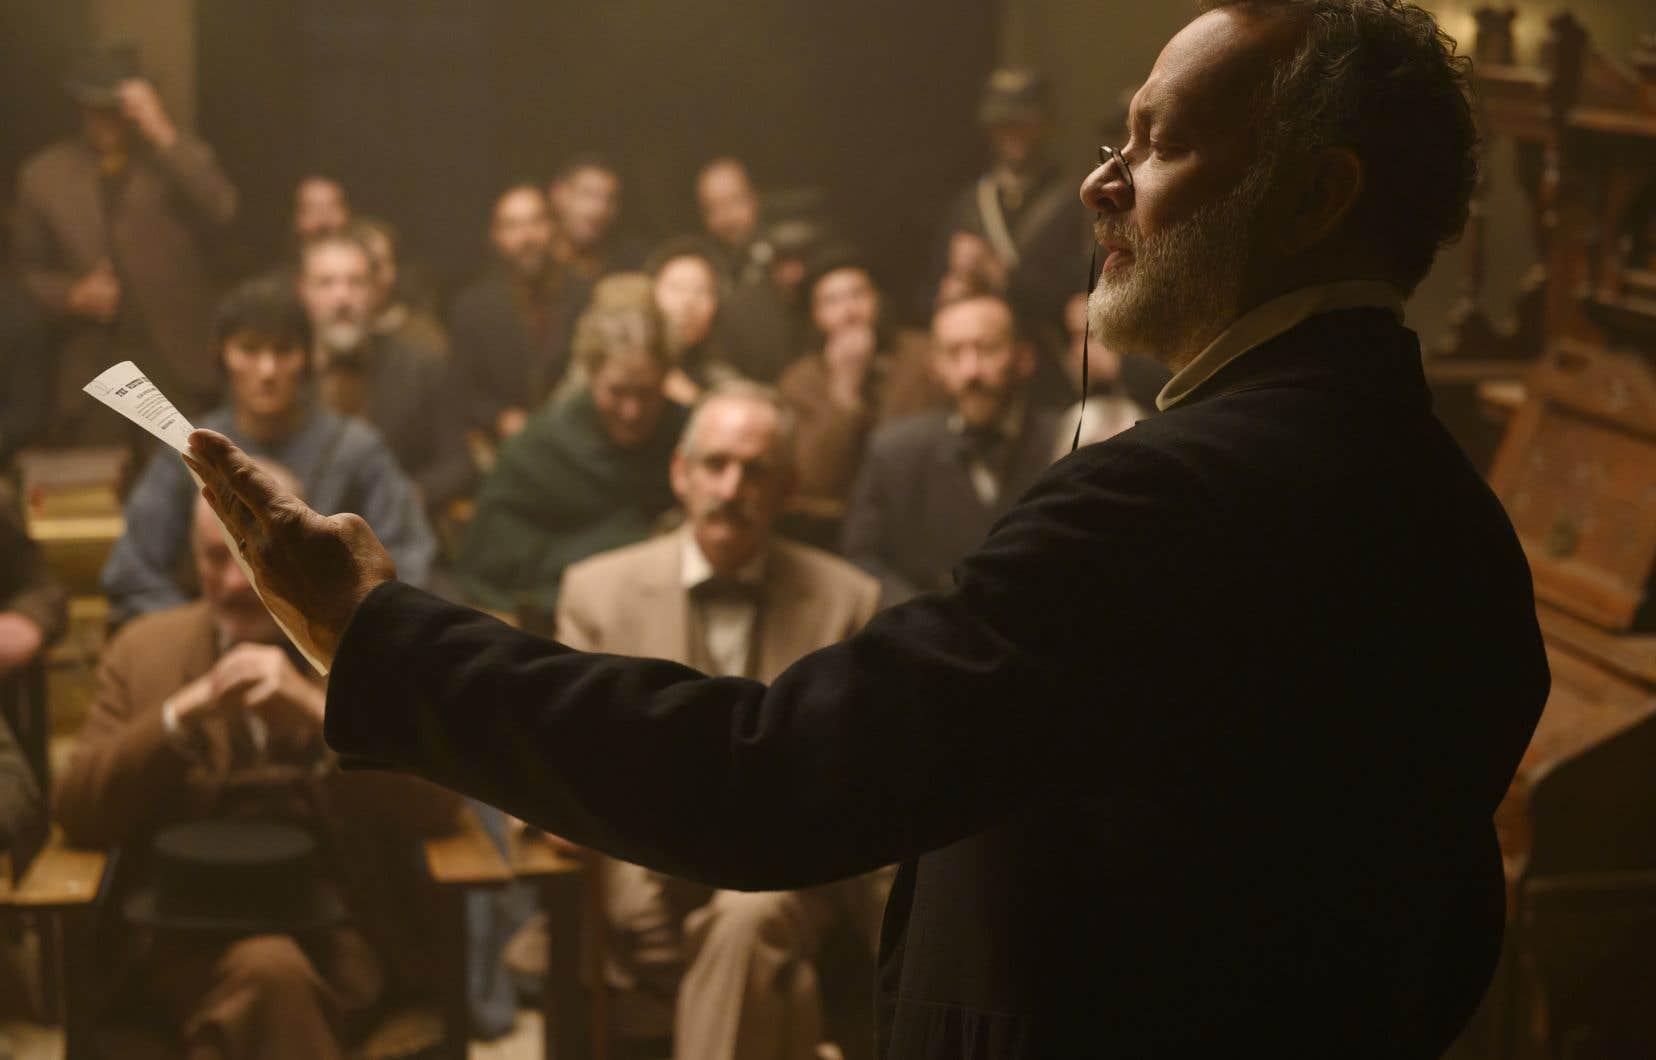 À maints égards, Tom Hanks, dans le rôle de Jefferson Kyle Kidd, joue Tom Hanks dans «News of the World». Et ce n'est pas plus mal.